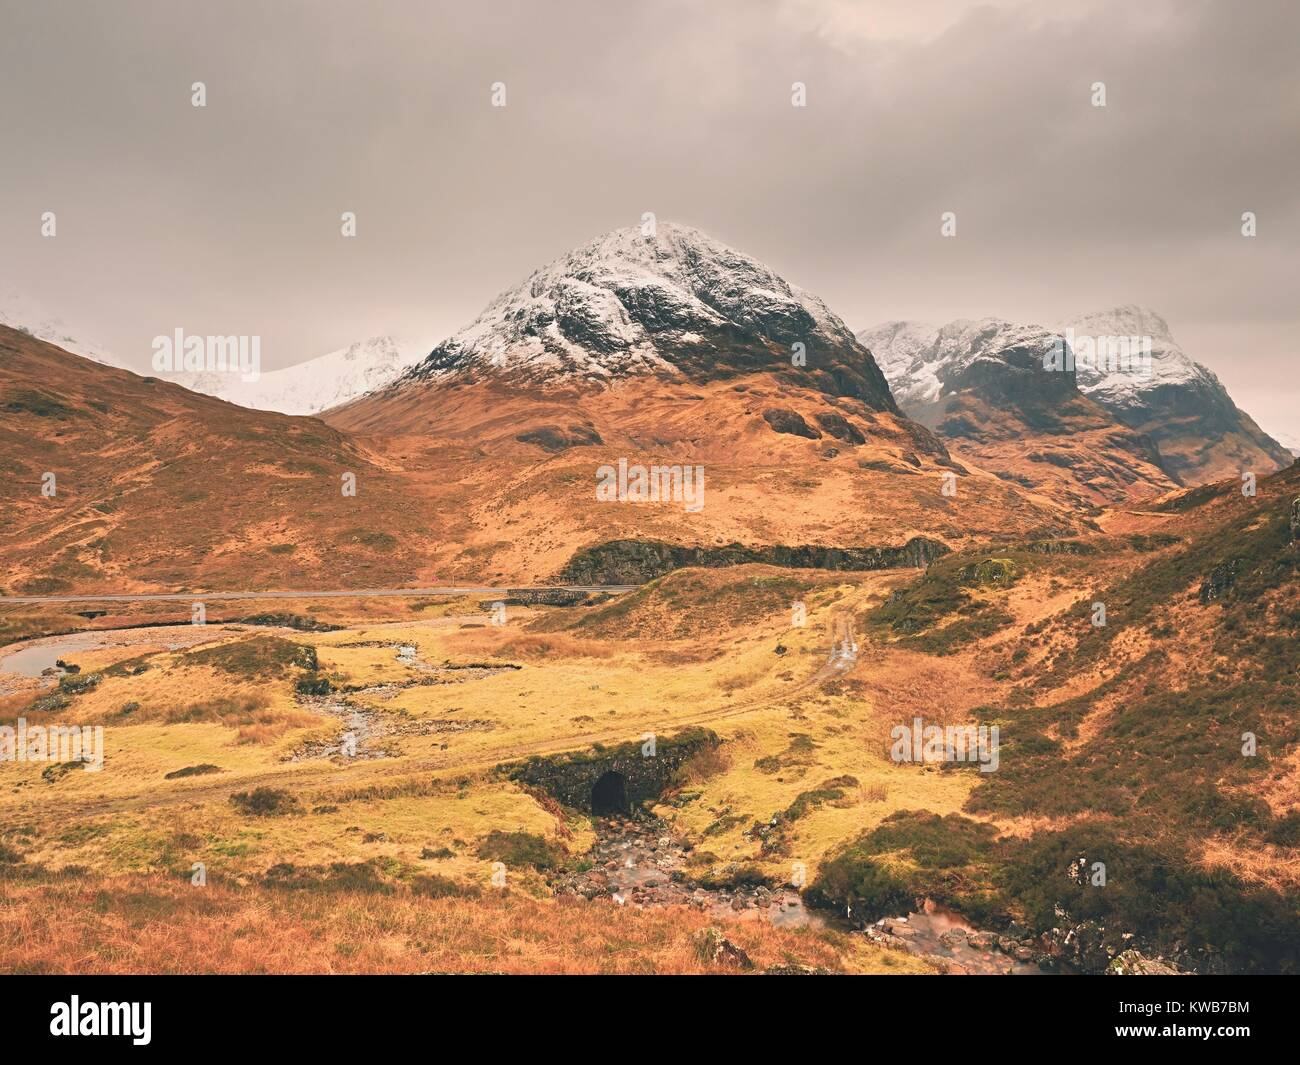 Le ruisseau de montagne dans les montagnes. Cône de neige de la montagne dans les nuages. L'herbe sèche Photo Stock